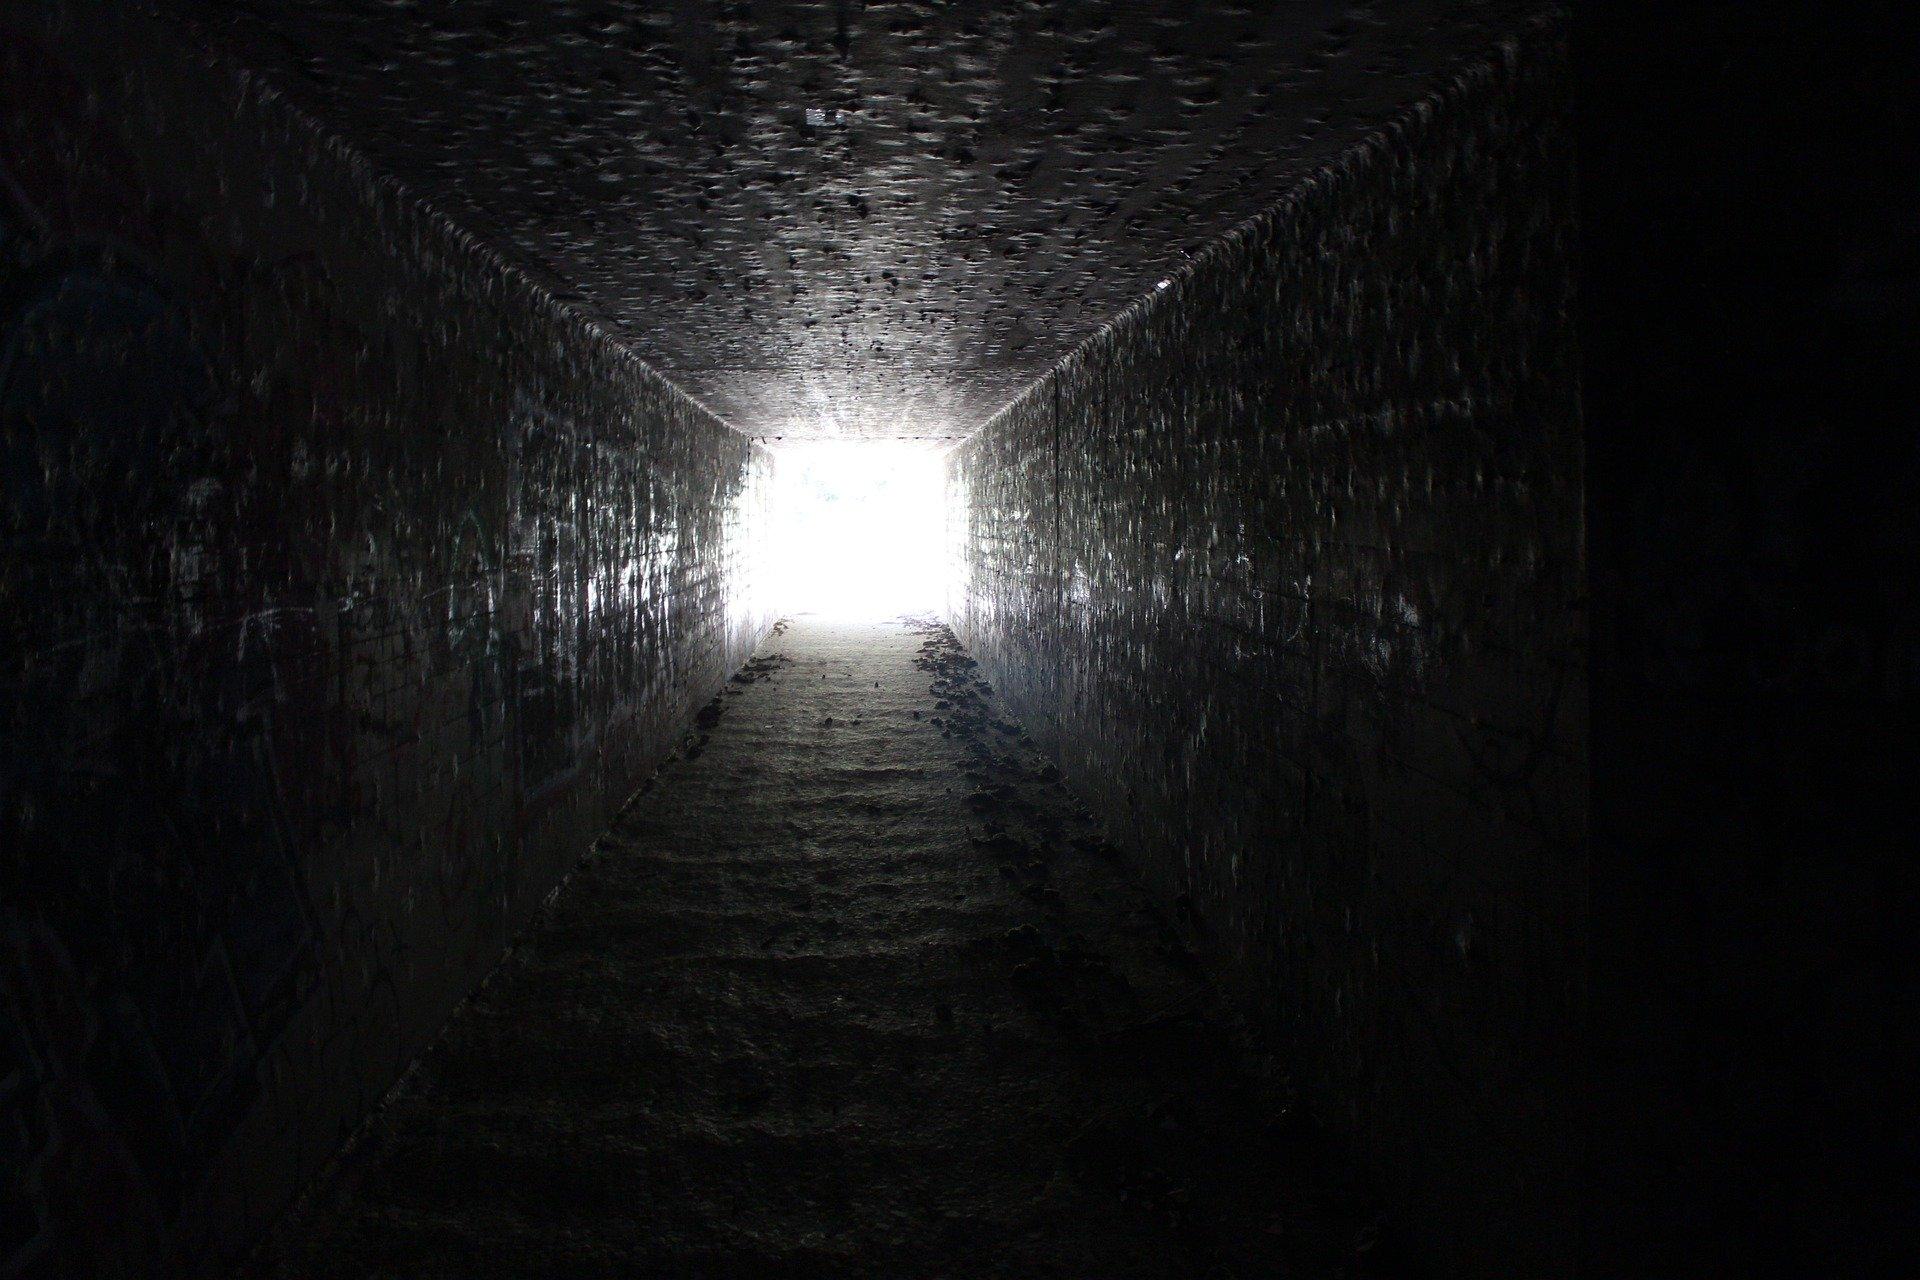 La OMS ve 'luz al final del túnel' con vacunas; pide responsabilidad en reuniones de Navidad